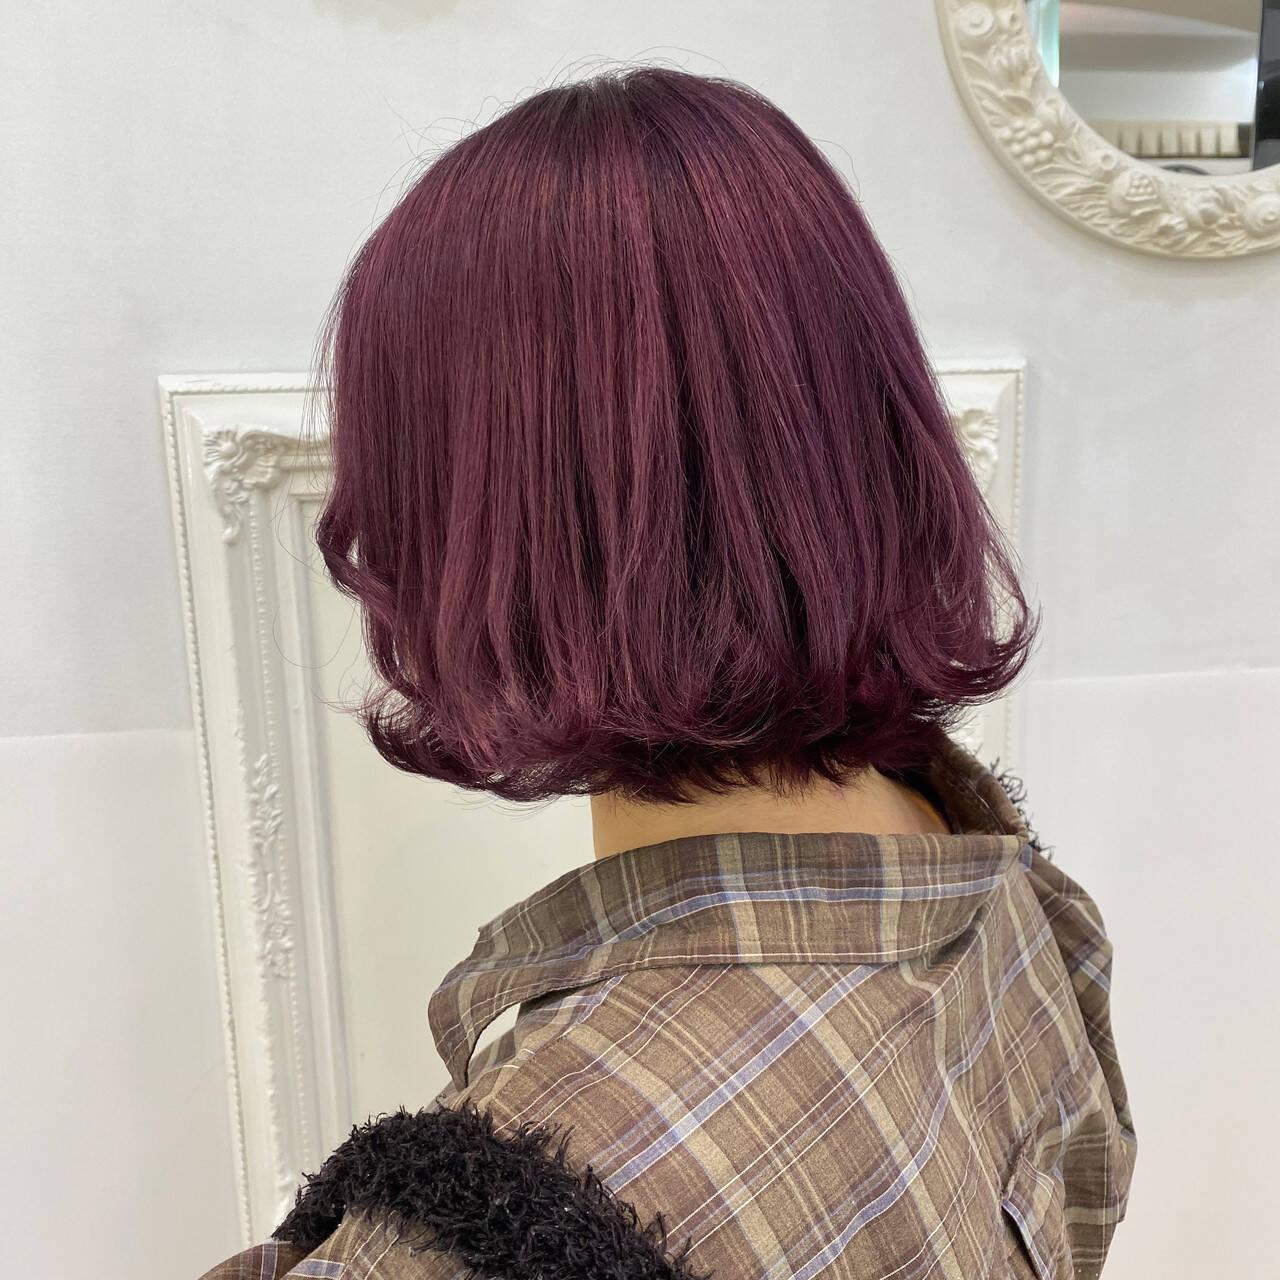 ラベンダーピンク ピンクラベンダー ピンク ハイトーンヘアスタイルや髪型の写真・画像